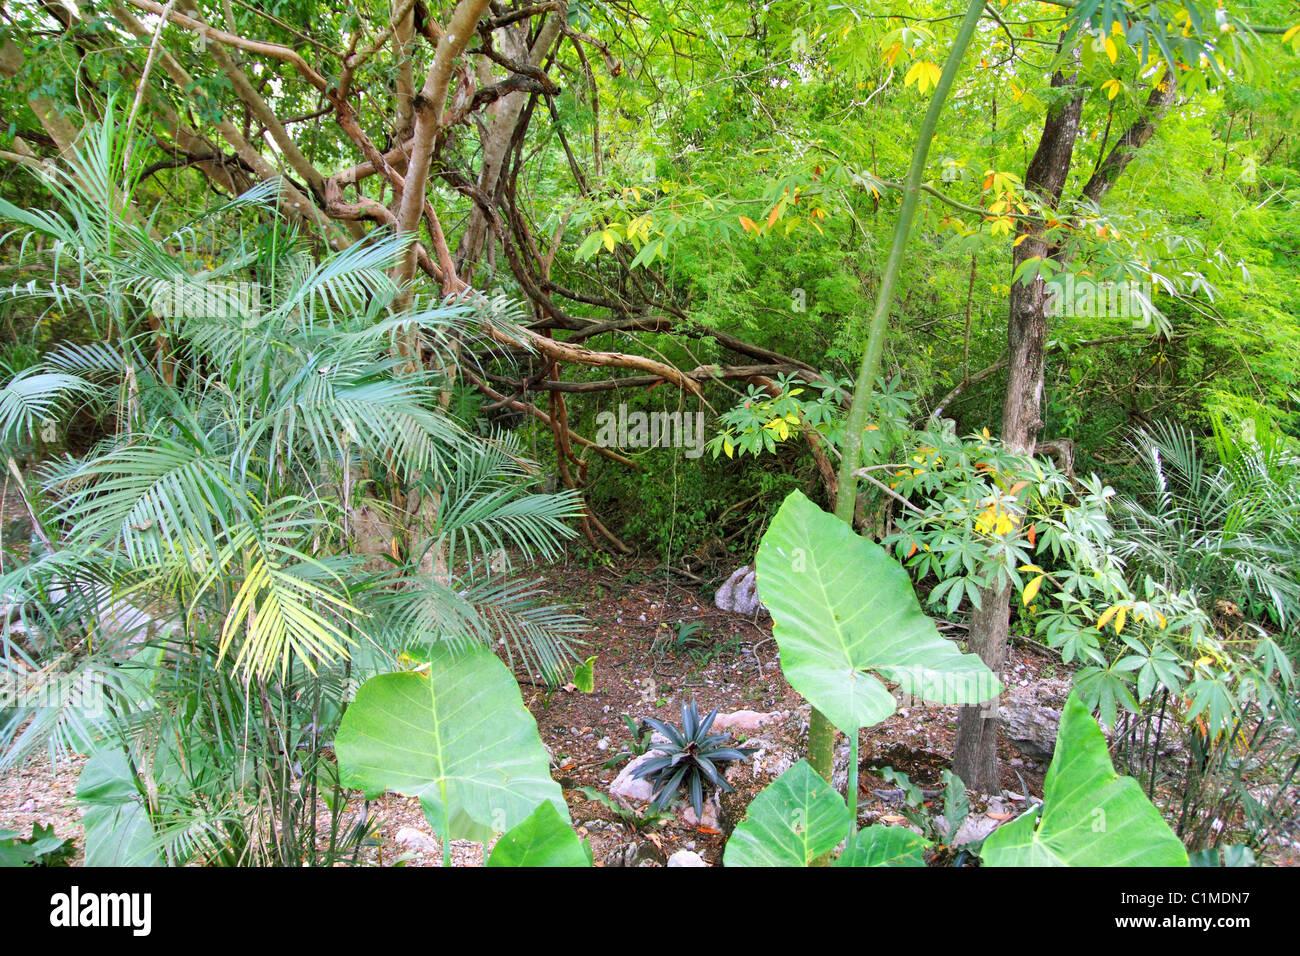 Jungle rainforest Yucatan Mexico Central America plants - Stock Image